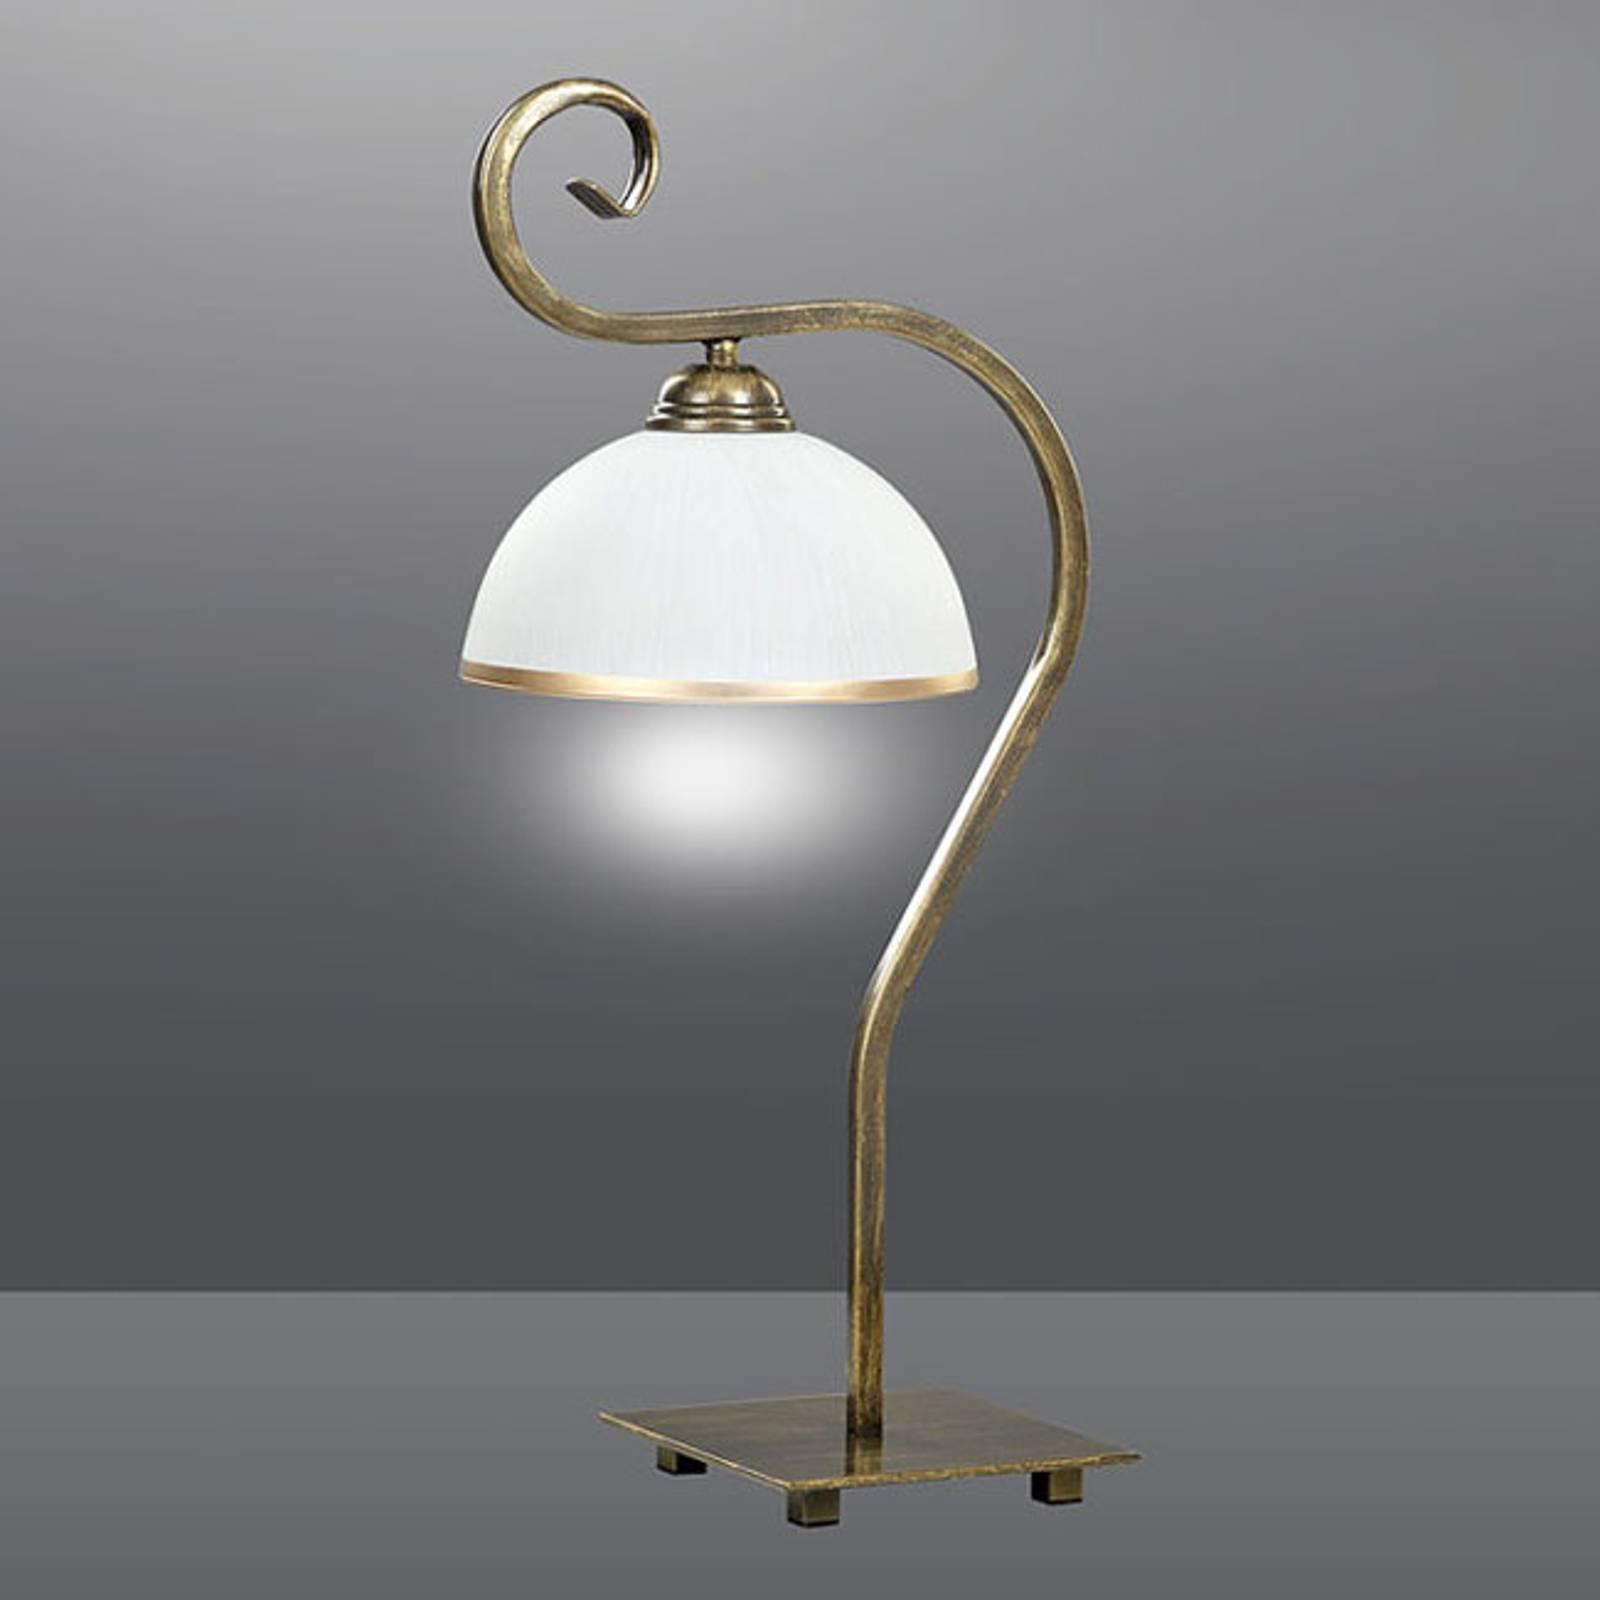 Tafellamp Wivara LN1 in klassiek-ontwerp, goud